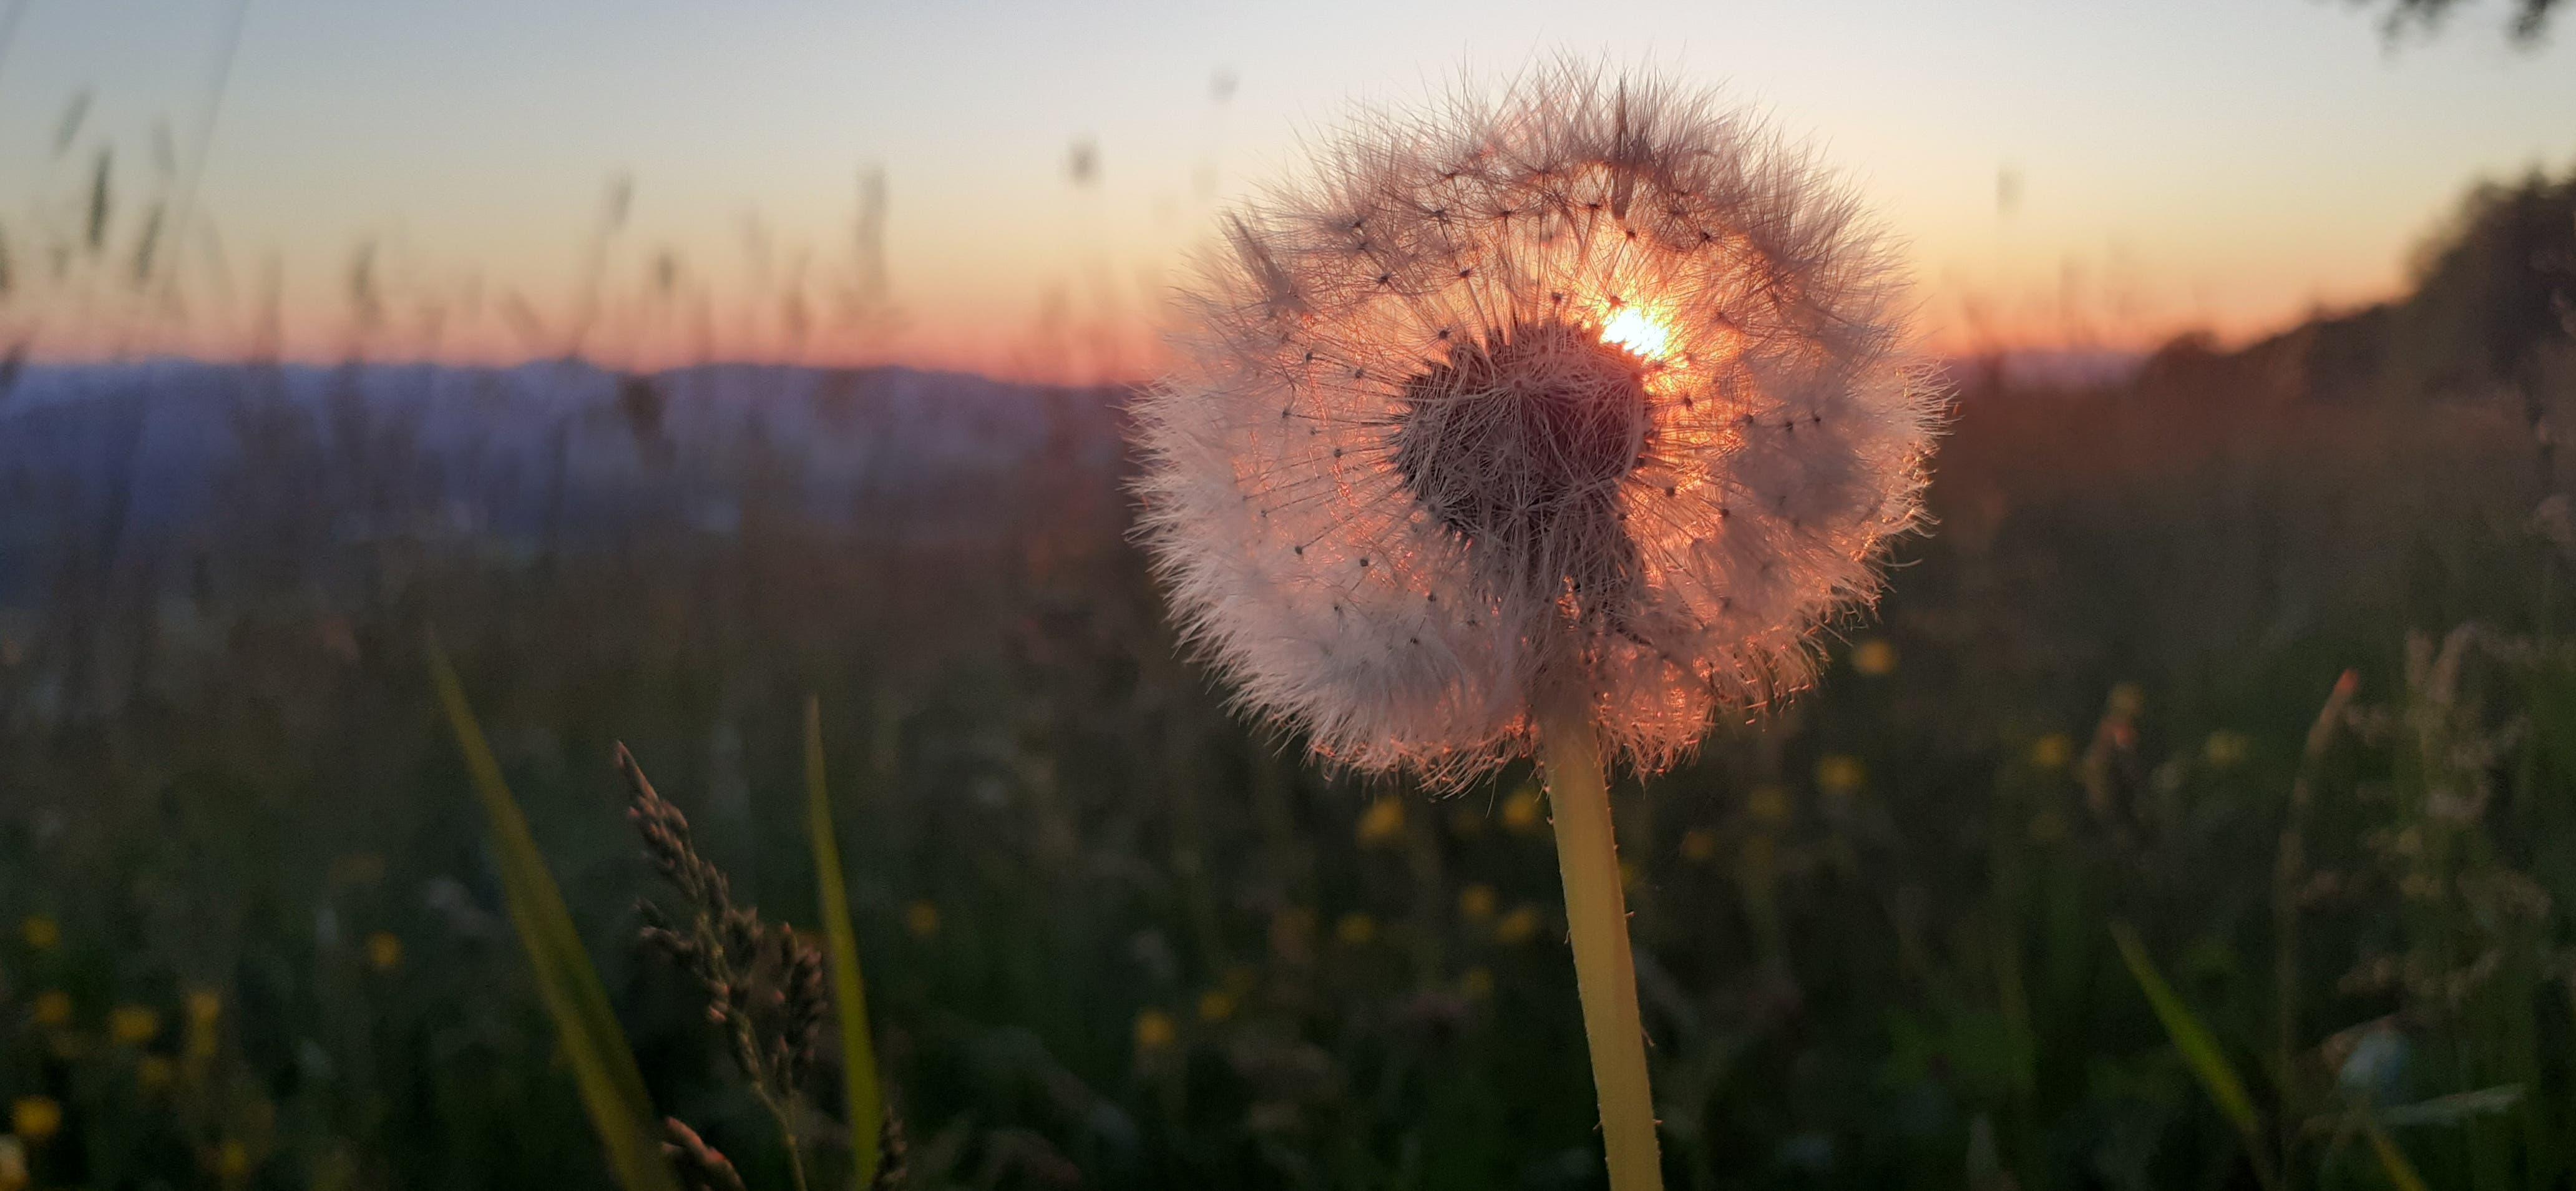 Aargauer Sonnenuntergang durch die Pusteblume, Foto von Petra Hoffmann